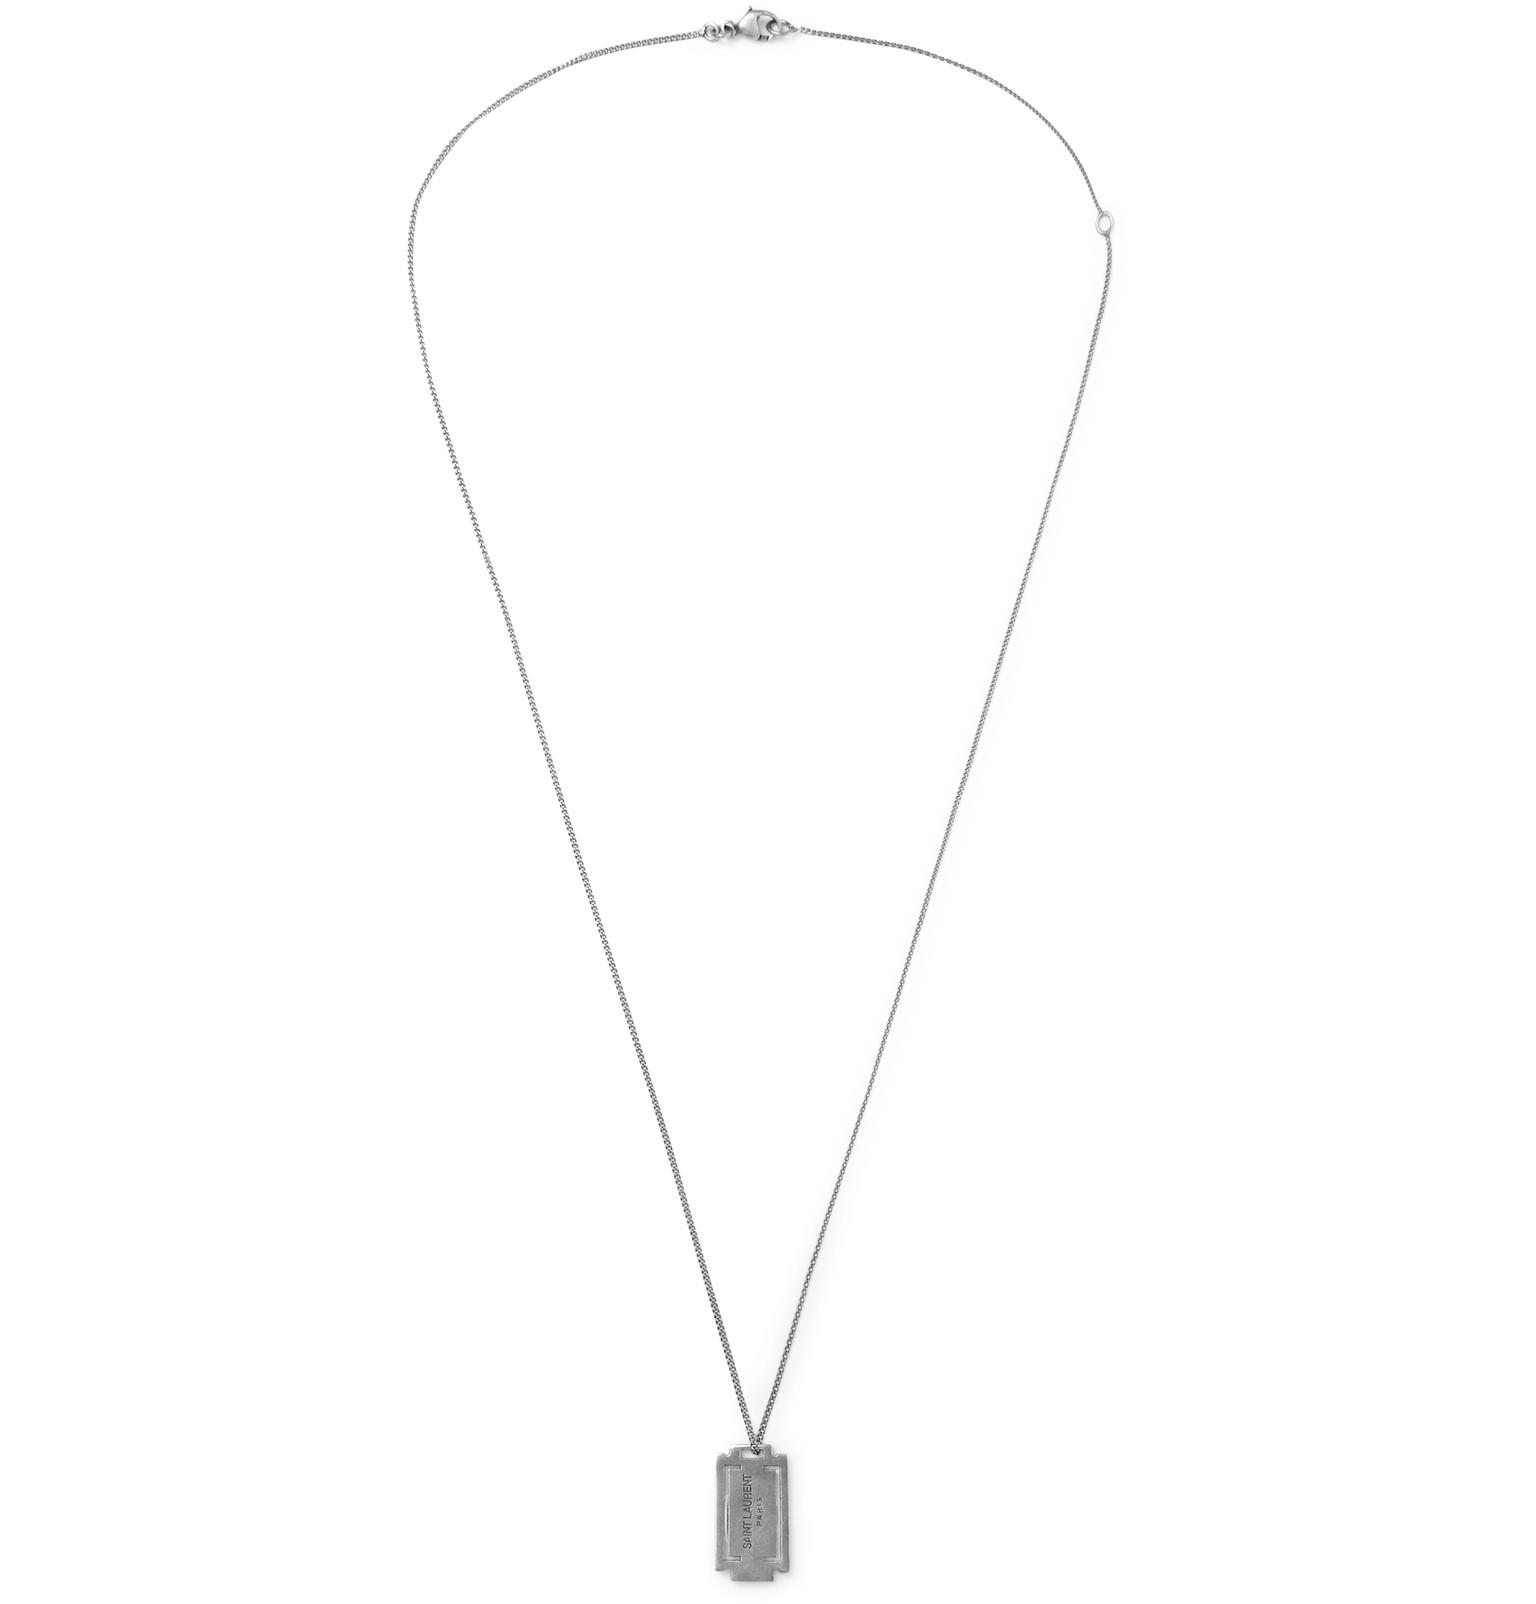 Saint Laurent Logo-debossed Burnished Silver-tone Necklace - Silver T8J9V6